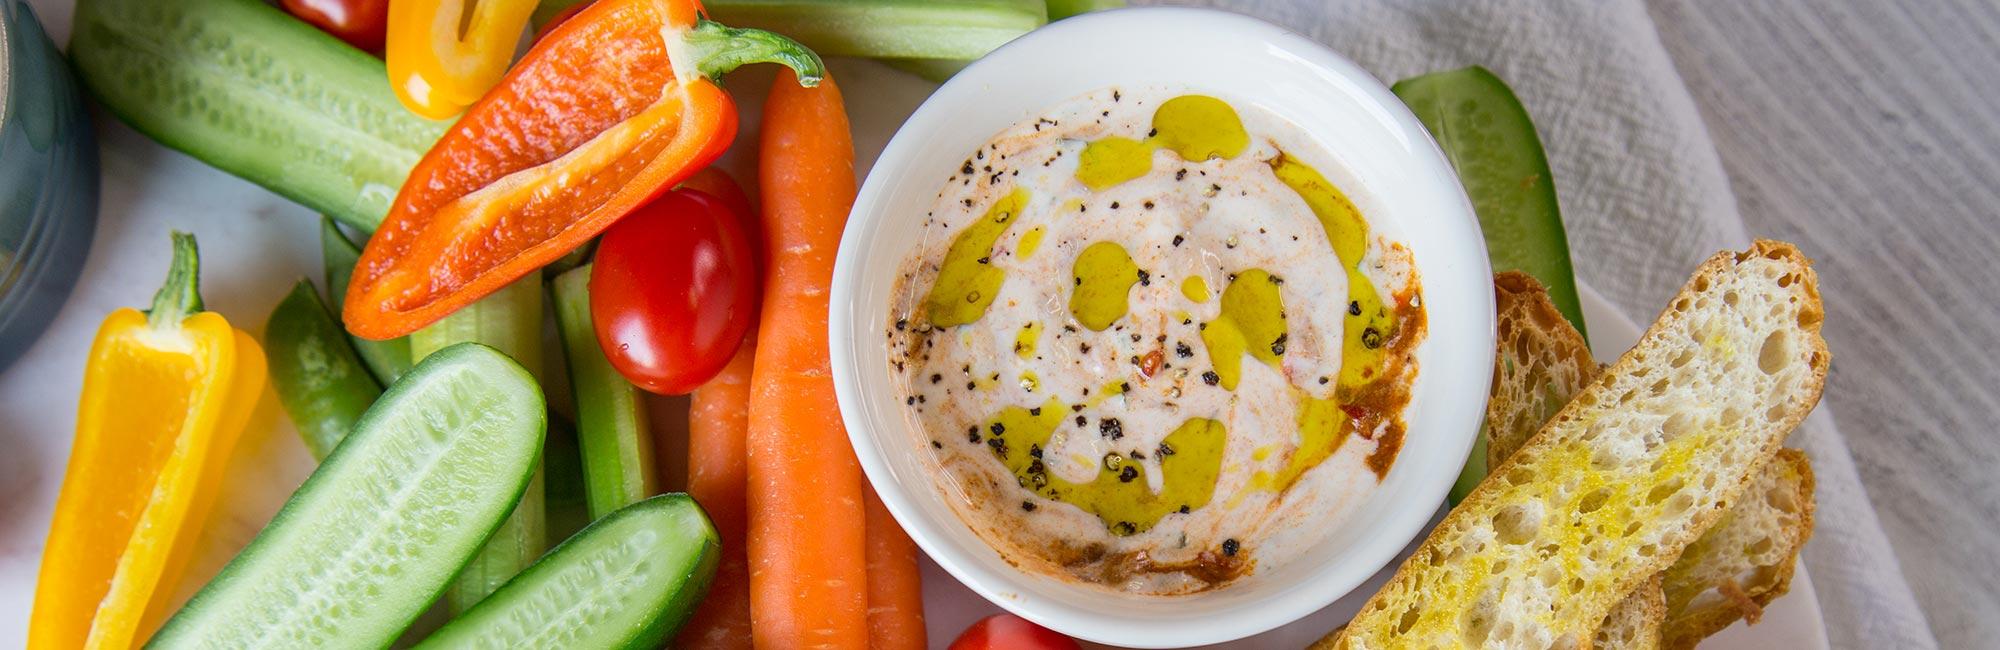 Harissa Yoghurt Dip Platter